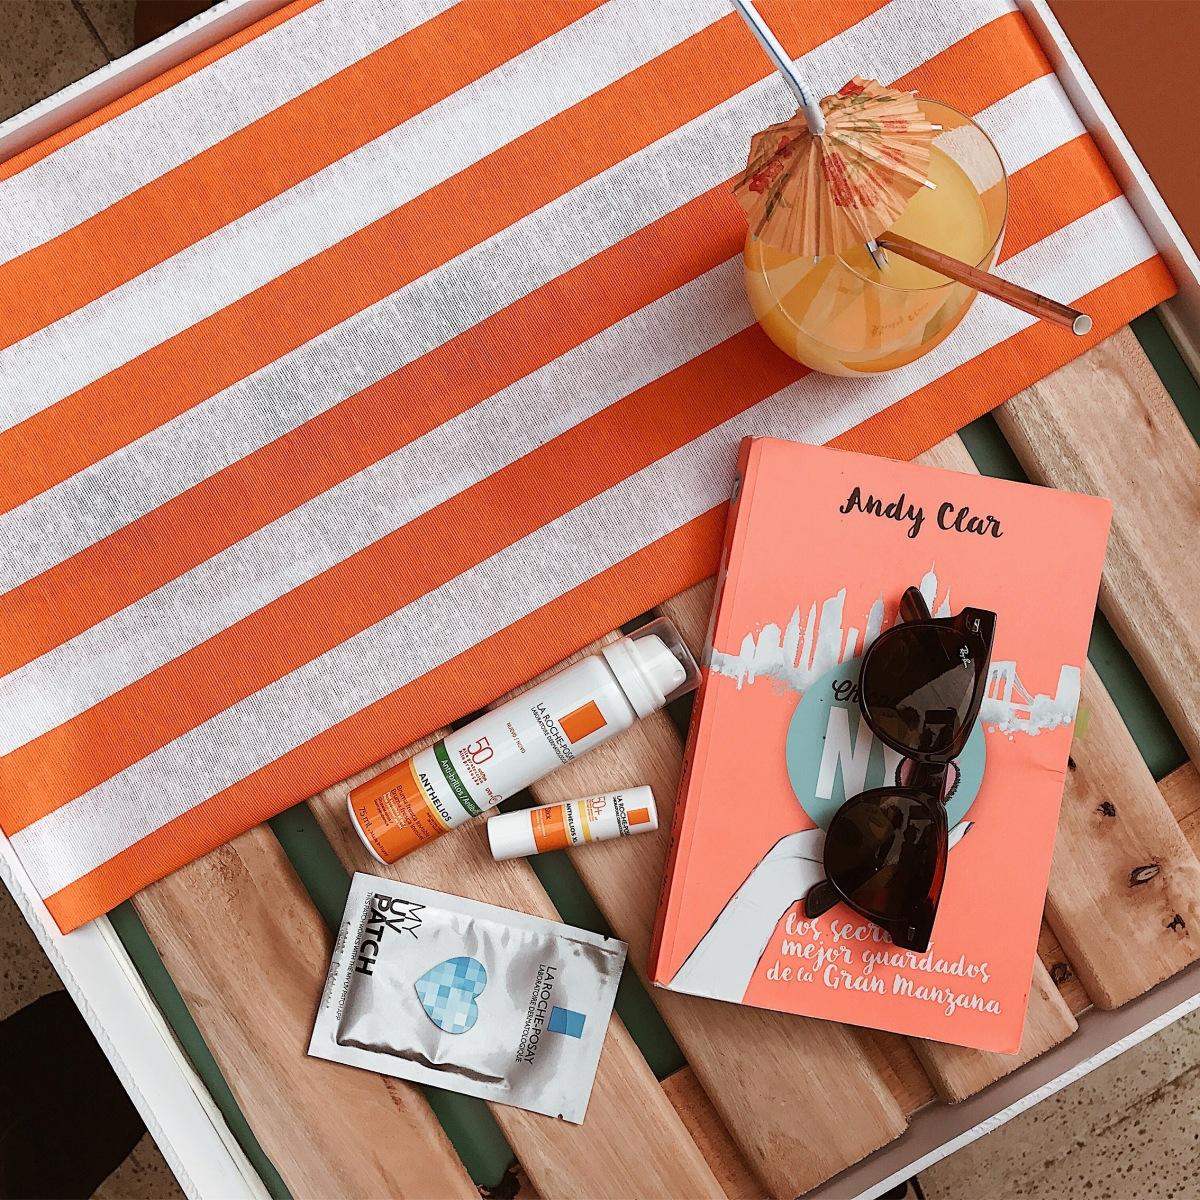 Como cuidarse del sol, campaña Salva Tu Piel de La Roche Posay